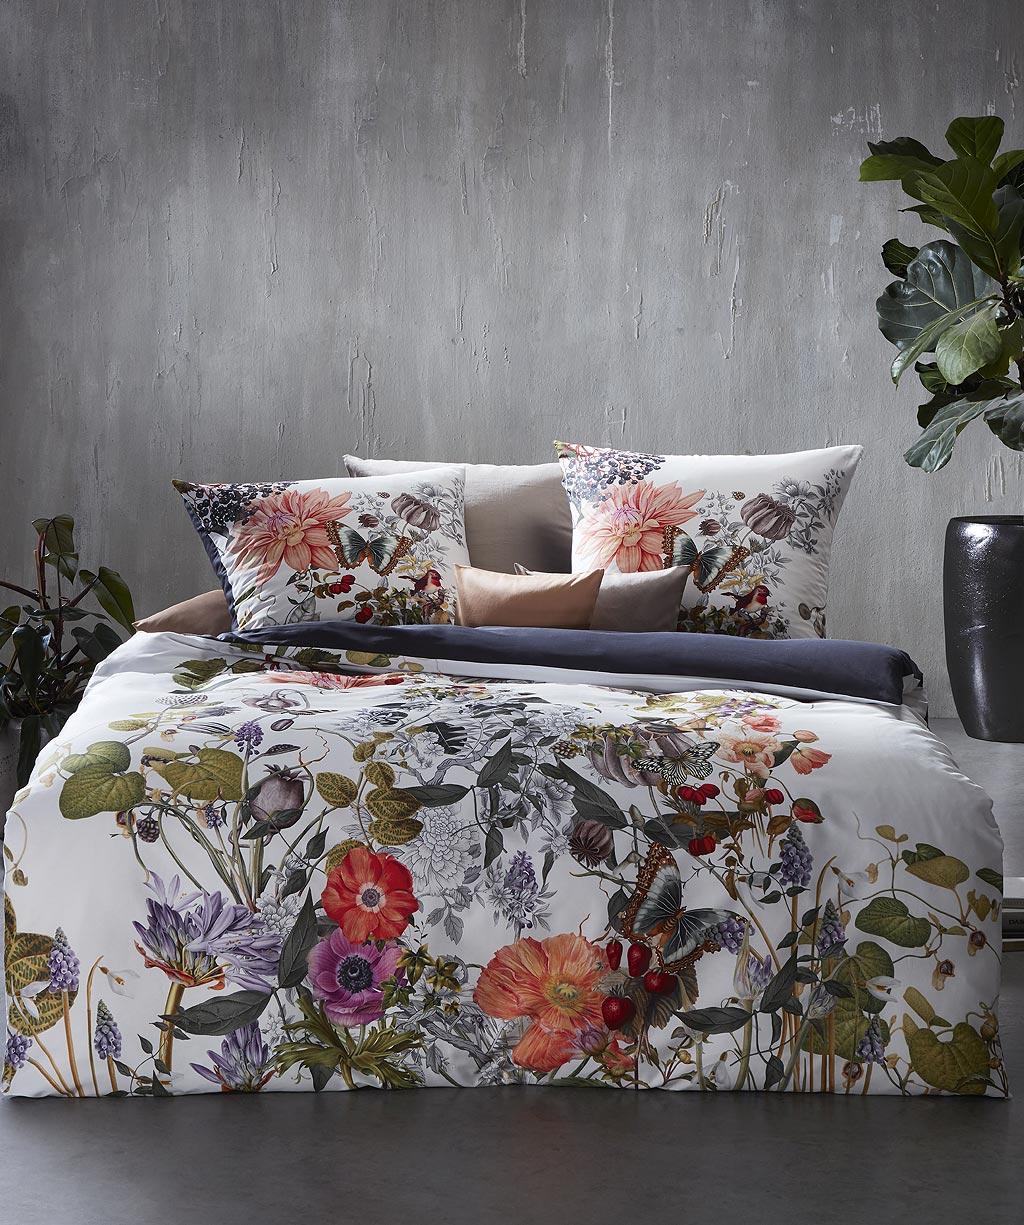 Kunstvolle Blumenbettwäsche aus feinem Mako Satin - Digitaldruck